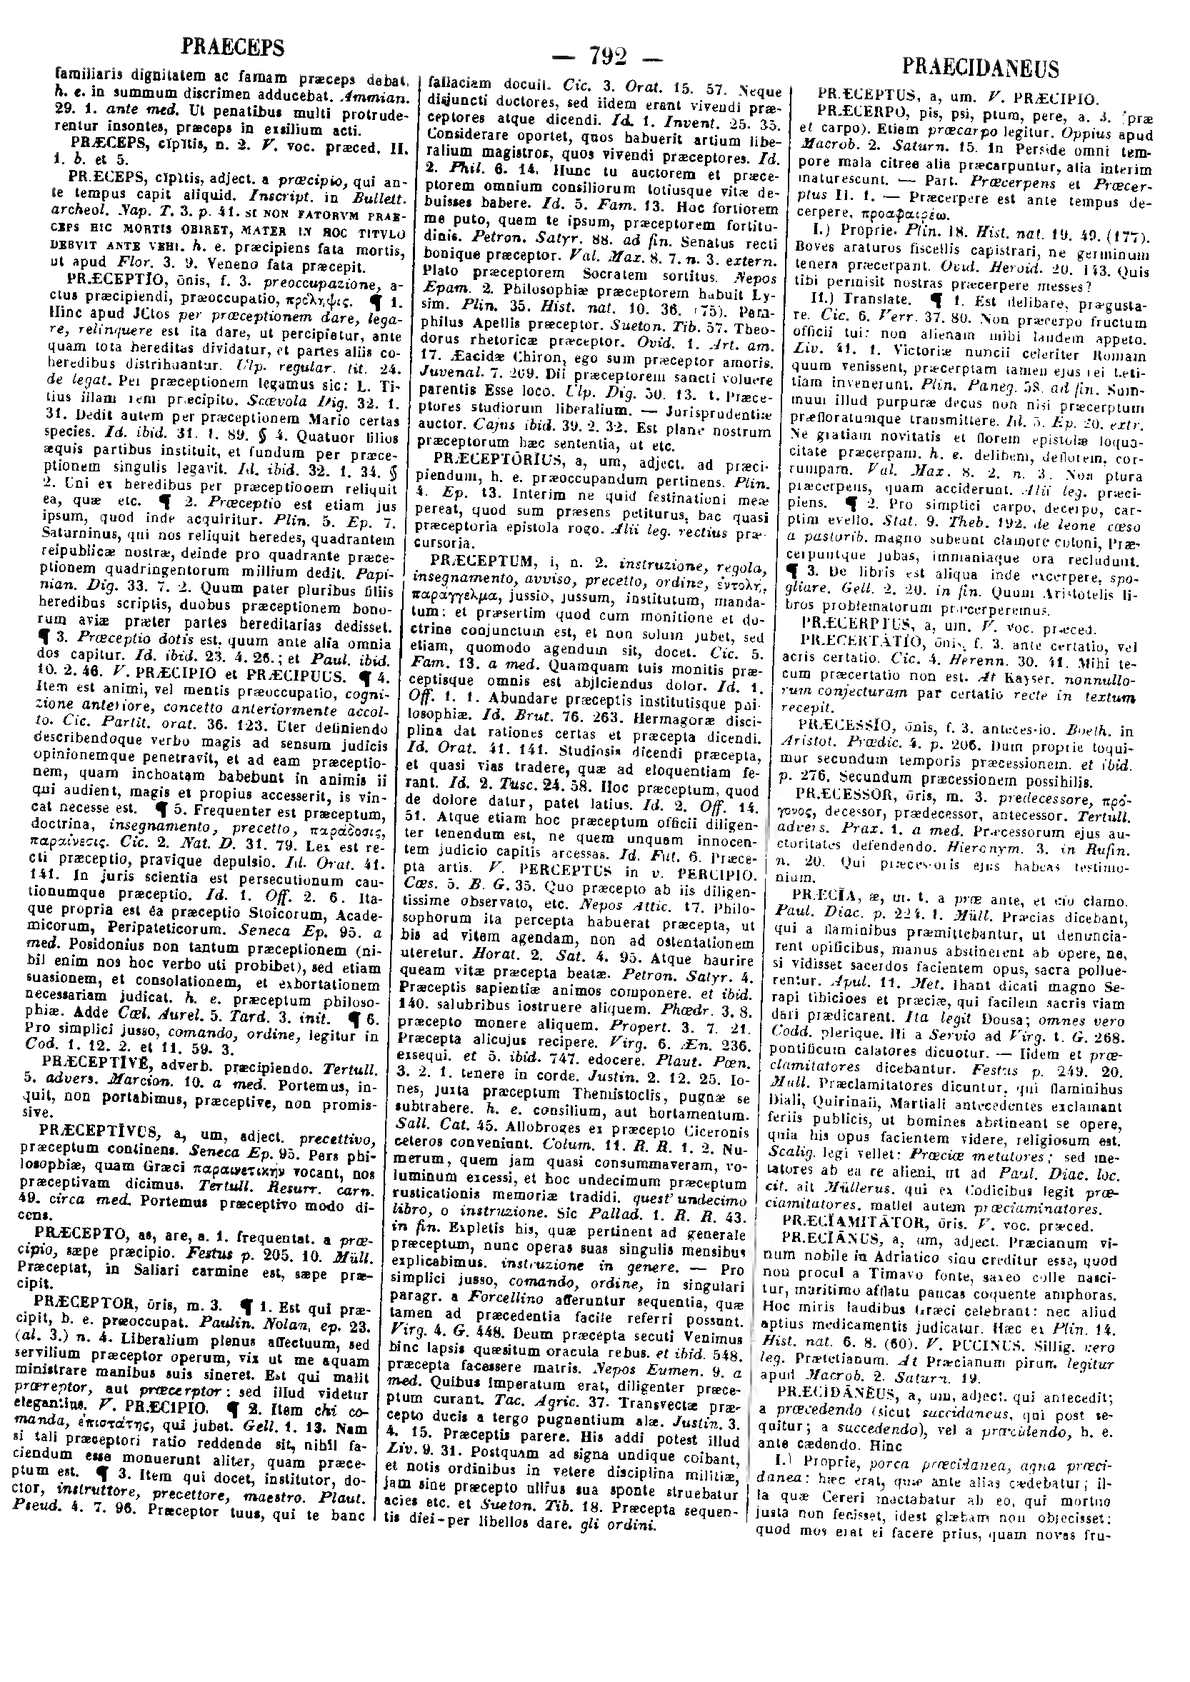 Calaméo Lexicon totius latinitatis Pr Ry Forcellini Aegidio Corradini Franciscus Perin Josephus 1940